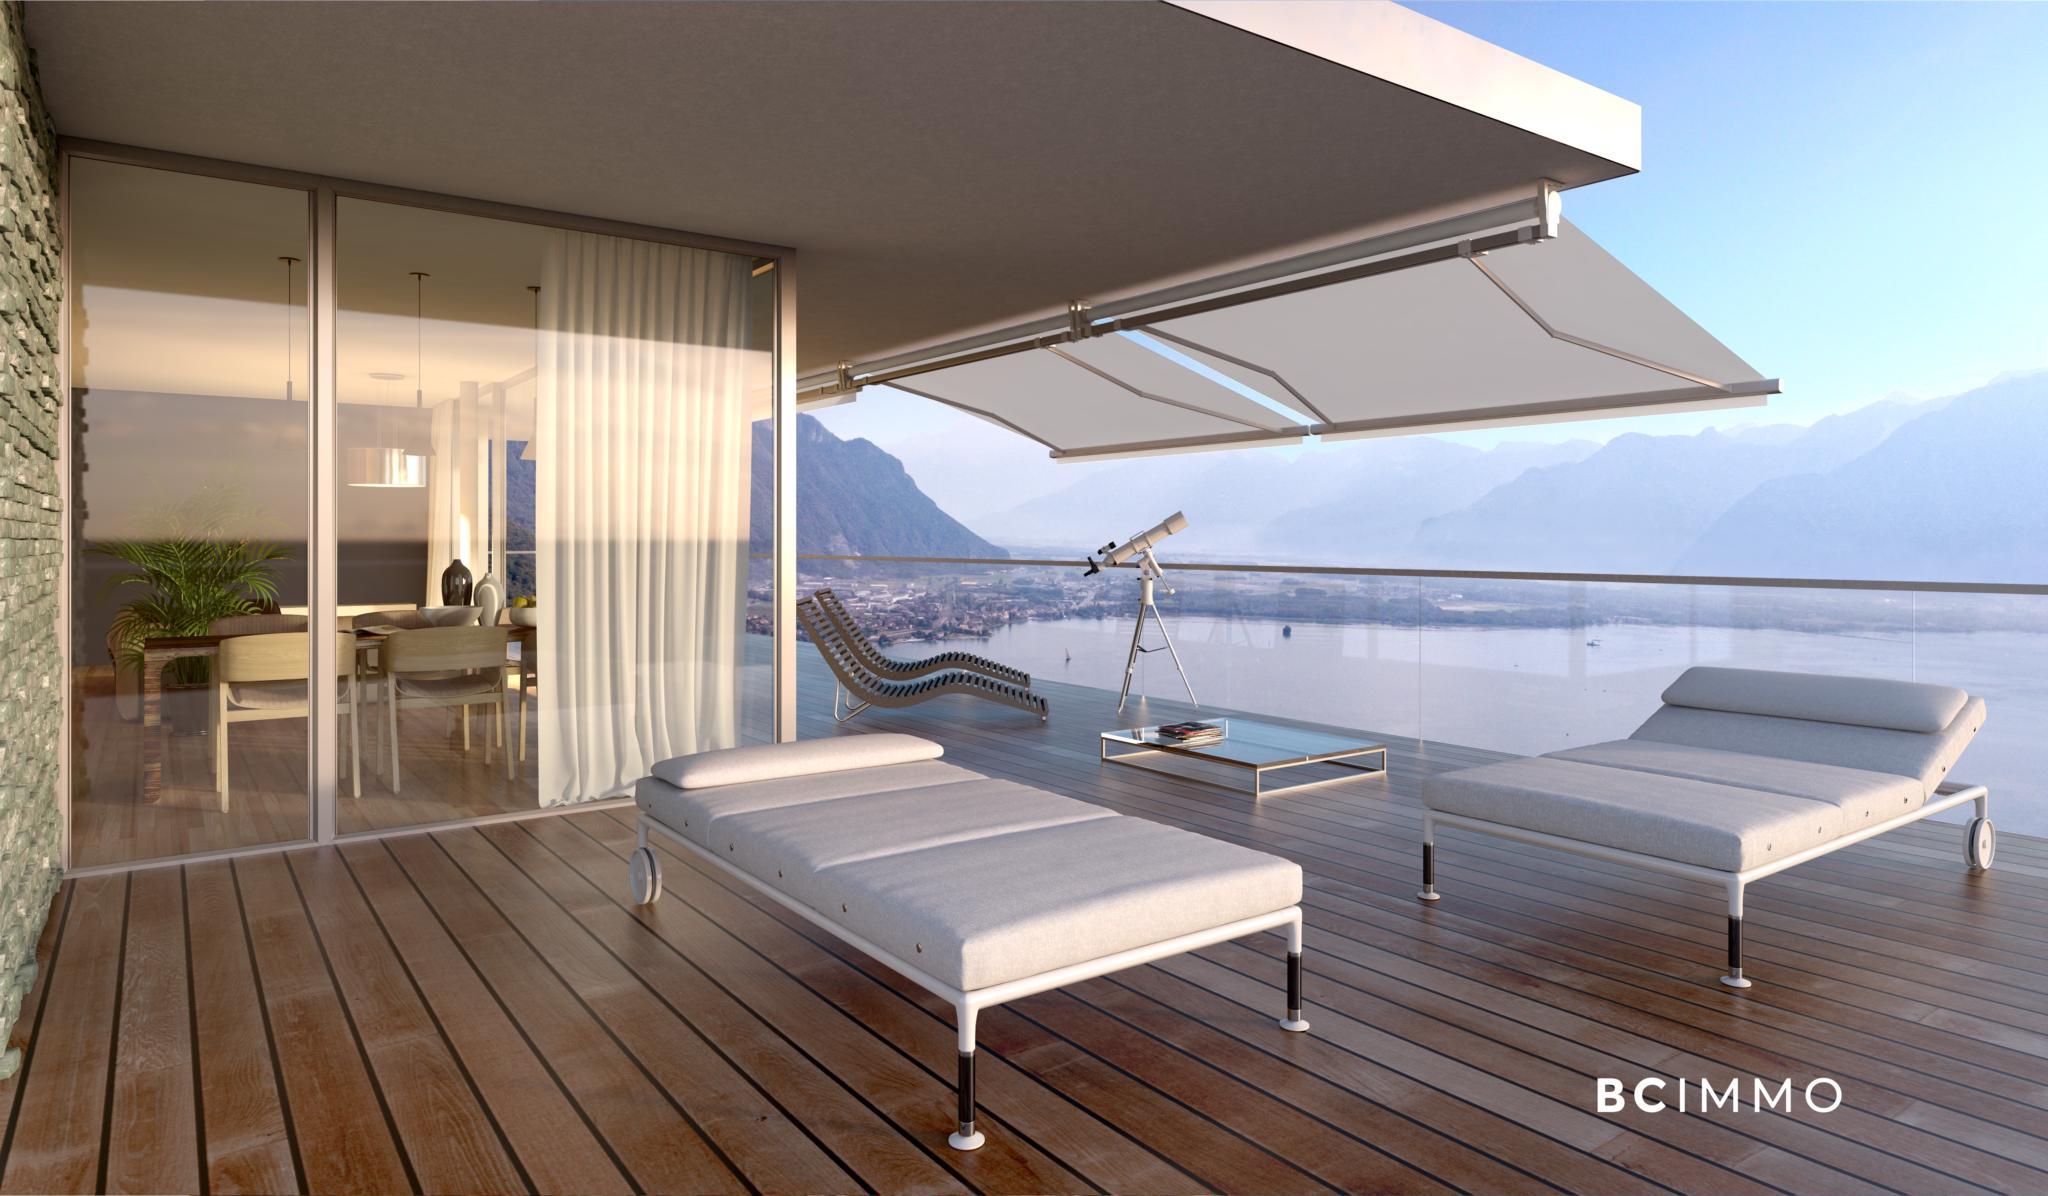 BC Immo - Appartement avec vue panoramique - Glion - 1823HBVB-E101